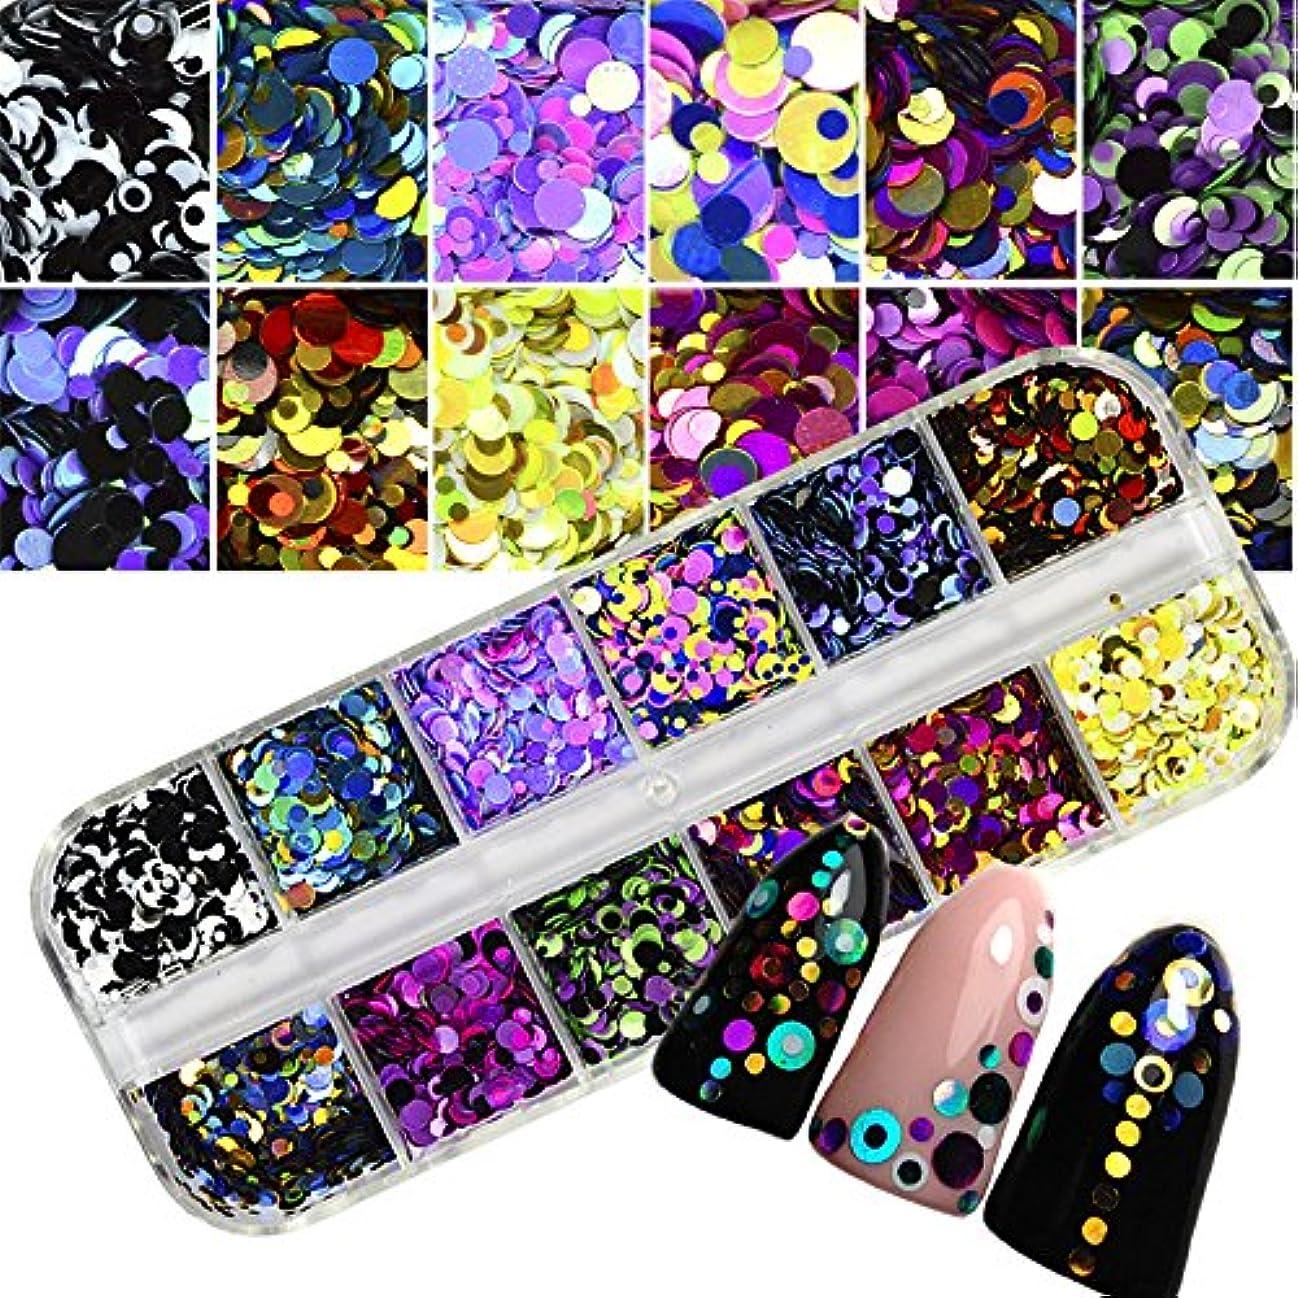 人間同情お金ゴム1 Set Dazzling Round Nail Glitter Sequins Dust Mixed 12 Grids 1/2/3mm DIY Charm Polish Flakes Decorations Manicure...